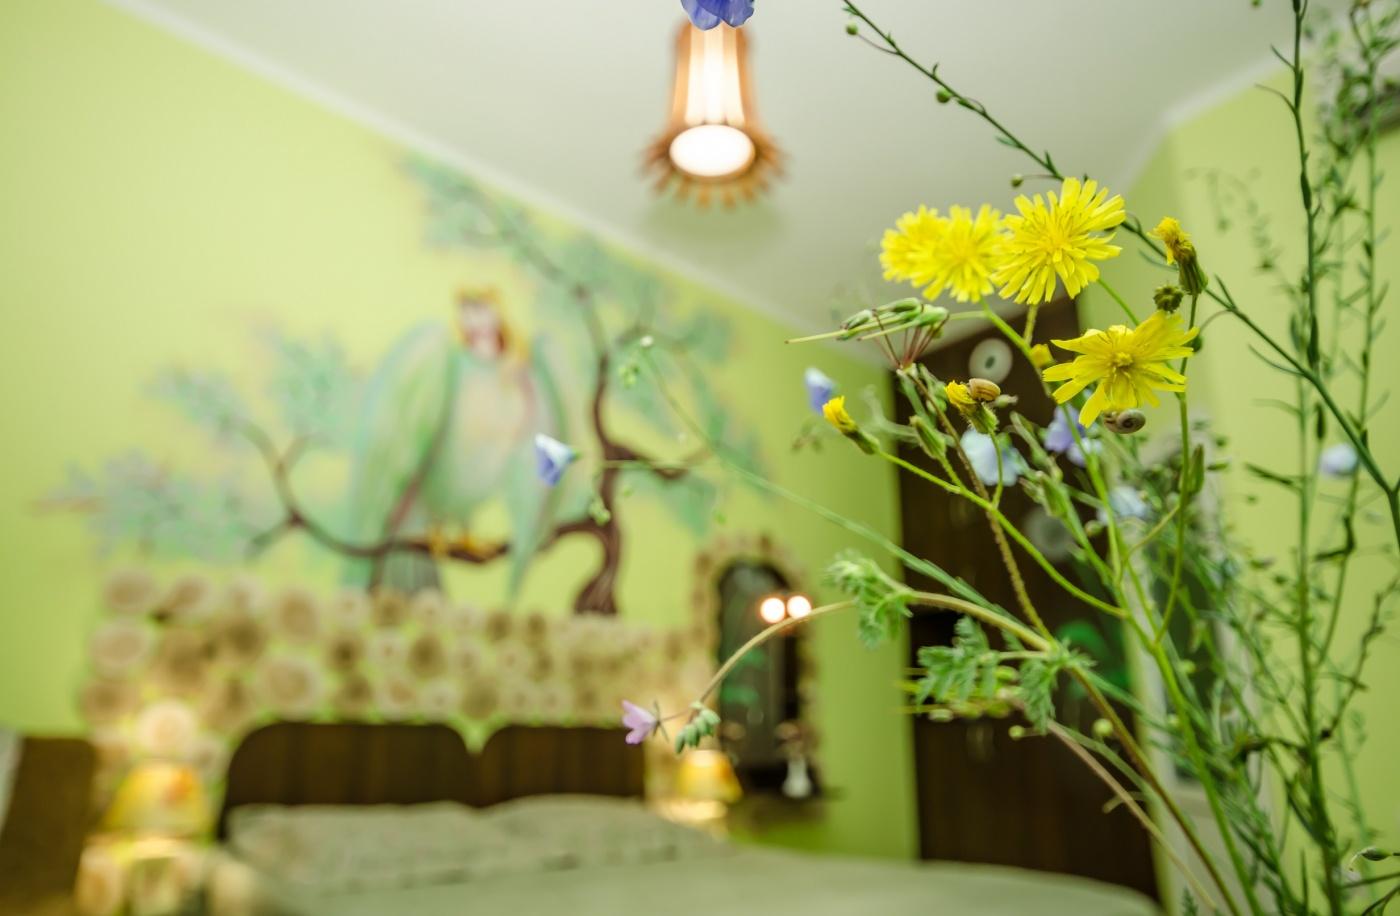 Гостевой дом «Гринвич» Республика Крым Стандарт в эко-стиле, фото 5